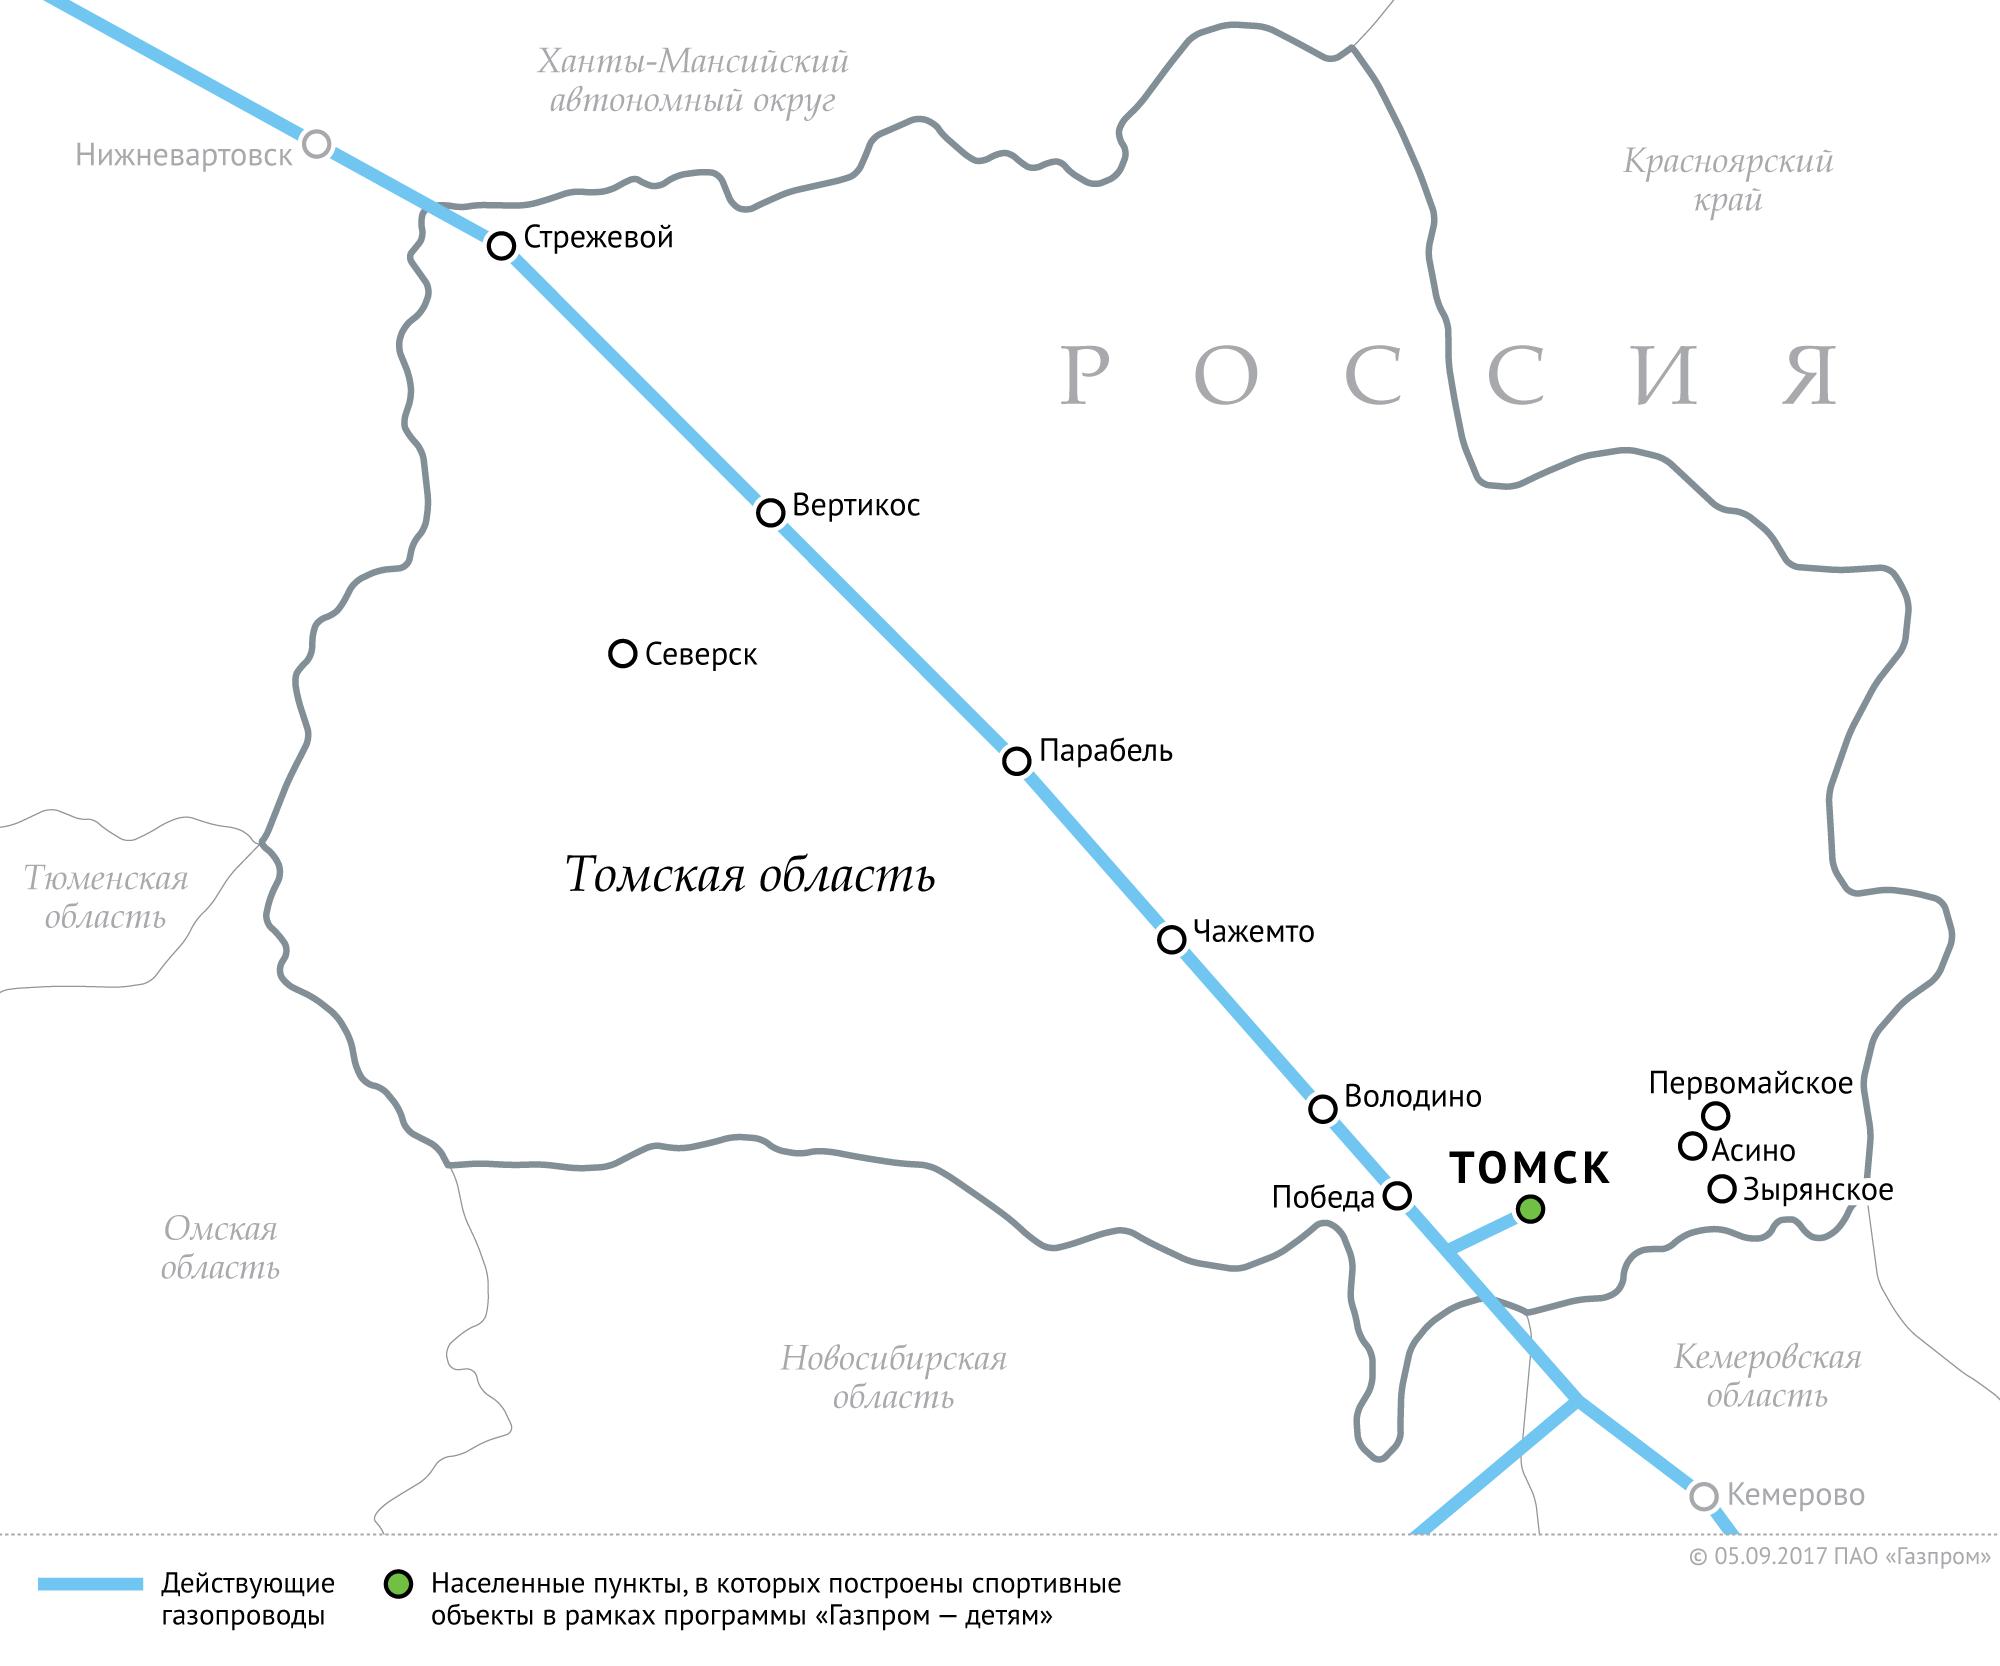 Газификация калужской области до 2017 года схема